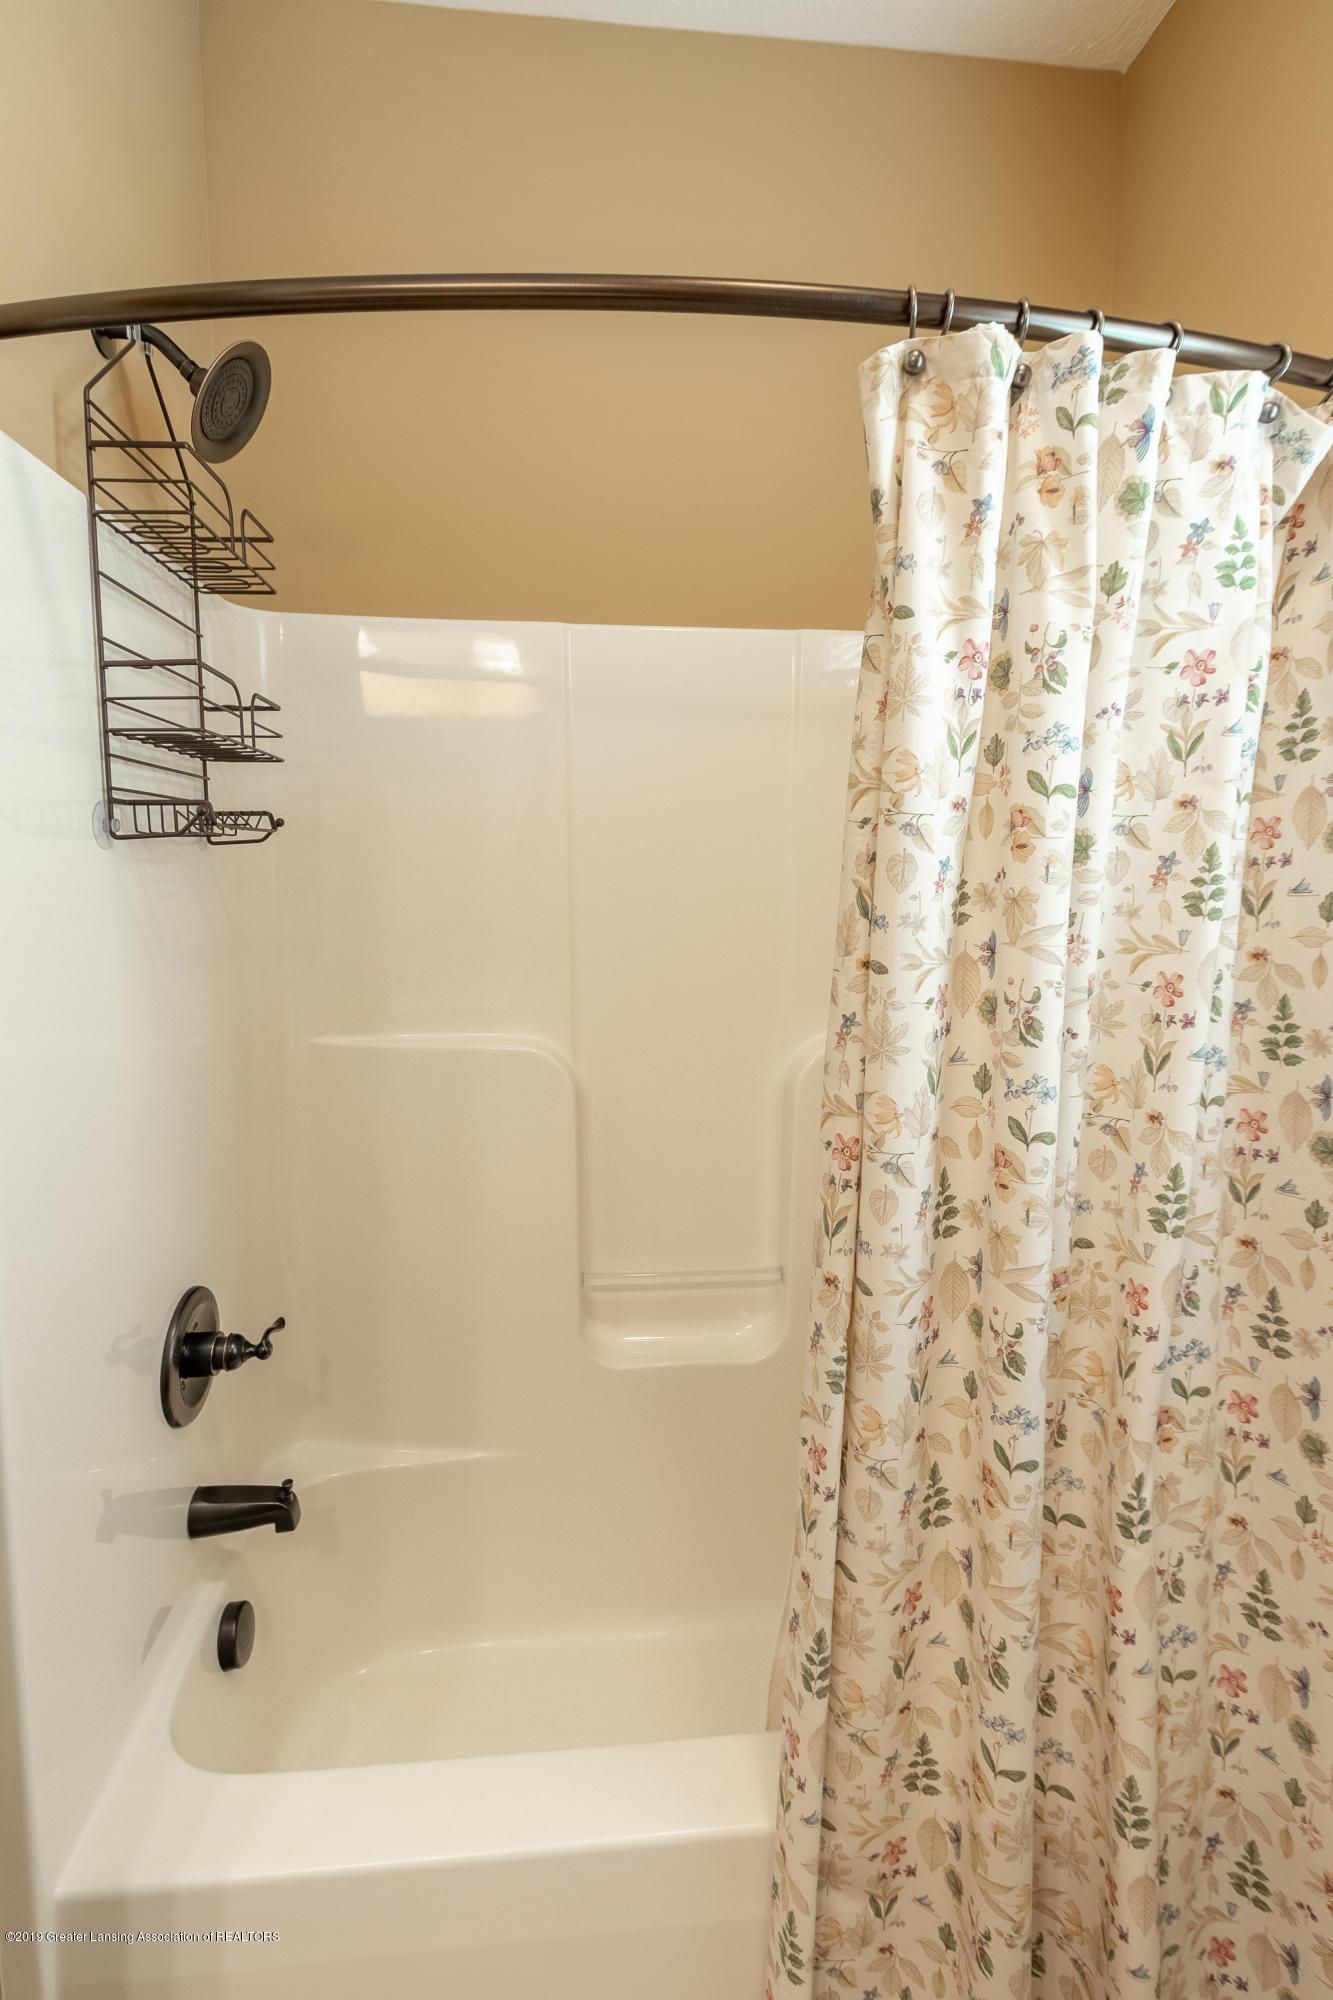 4134 E Benca Way - Full Bathroom - 27